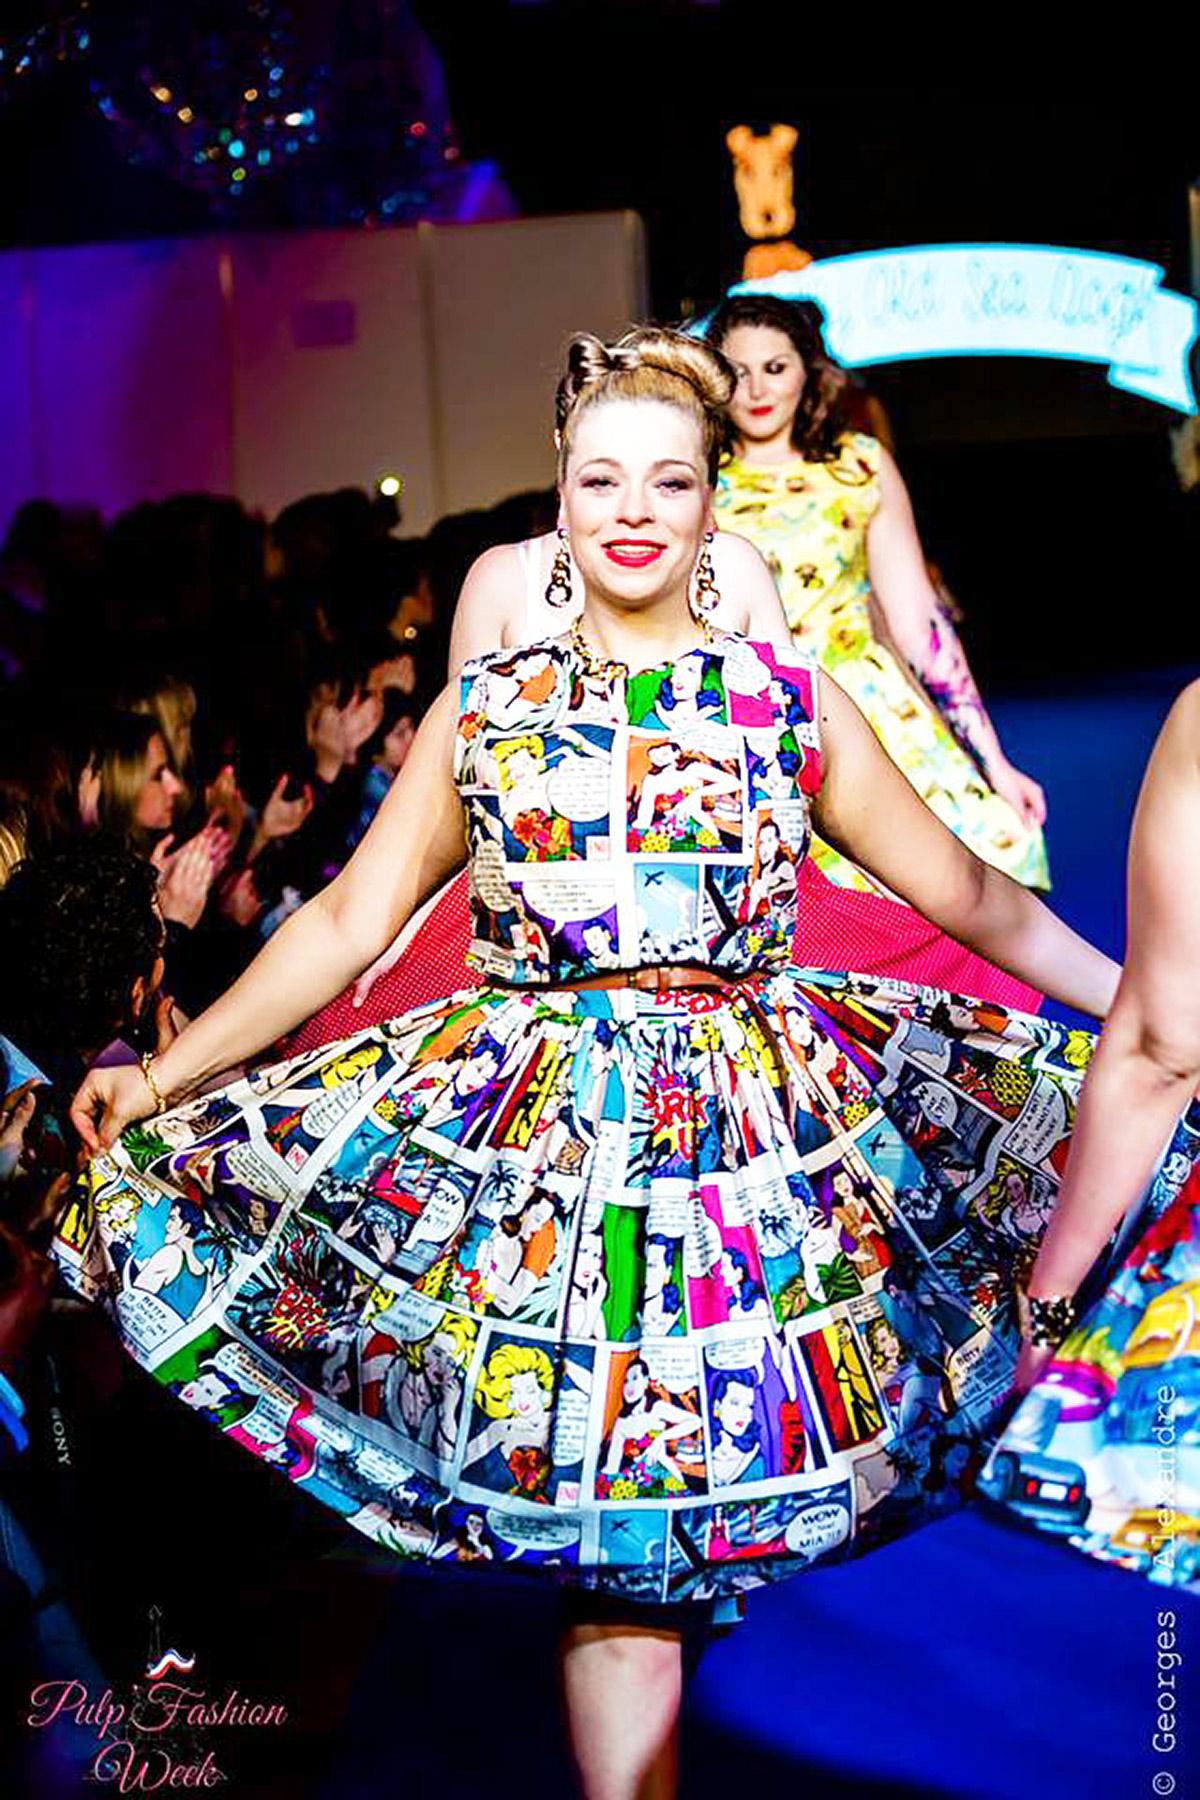 Pulpfashionweekparis-Plussizemodel-Caterina-Pogorzelski-Fashionweek- Curvymodel